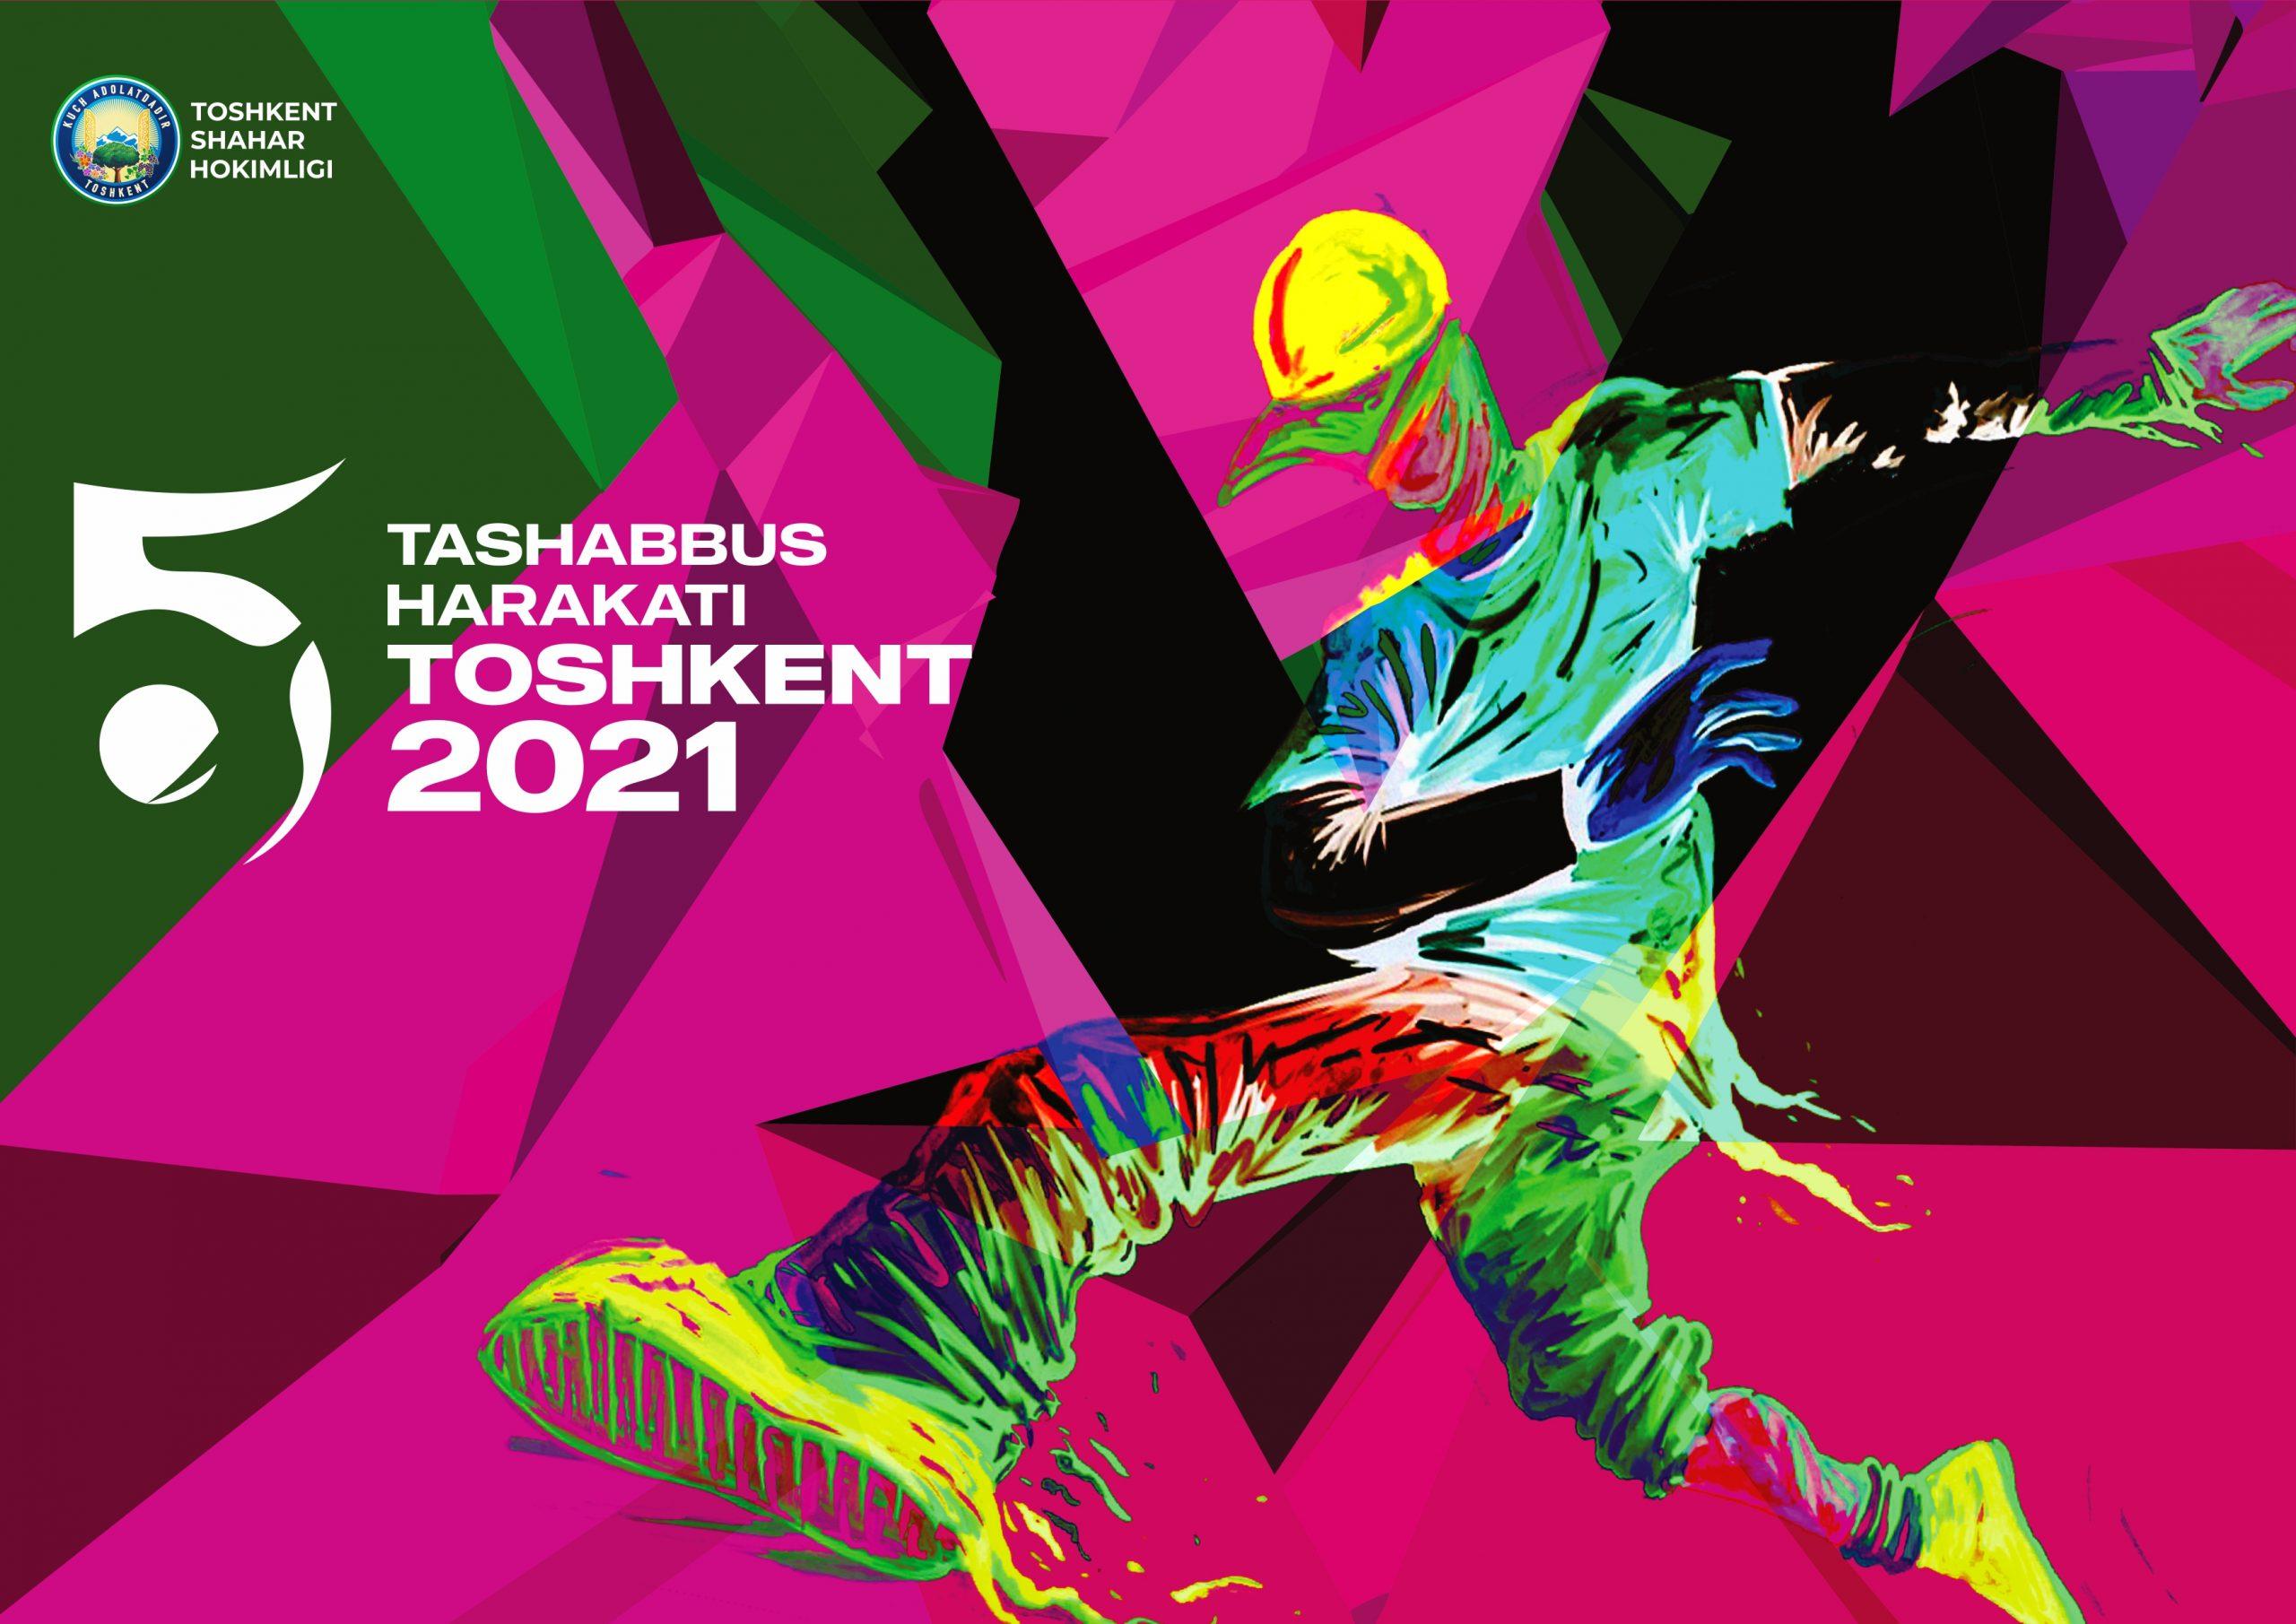 В Ташкенте состоится масштабный молодежный фестиваль — Движение пяти инициатив